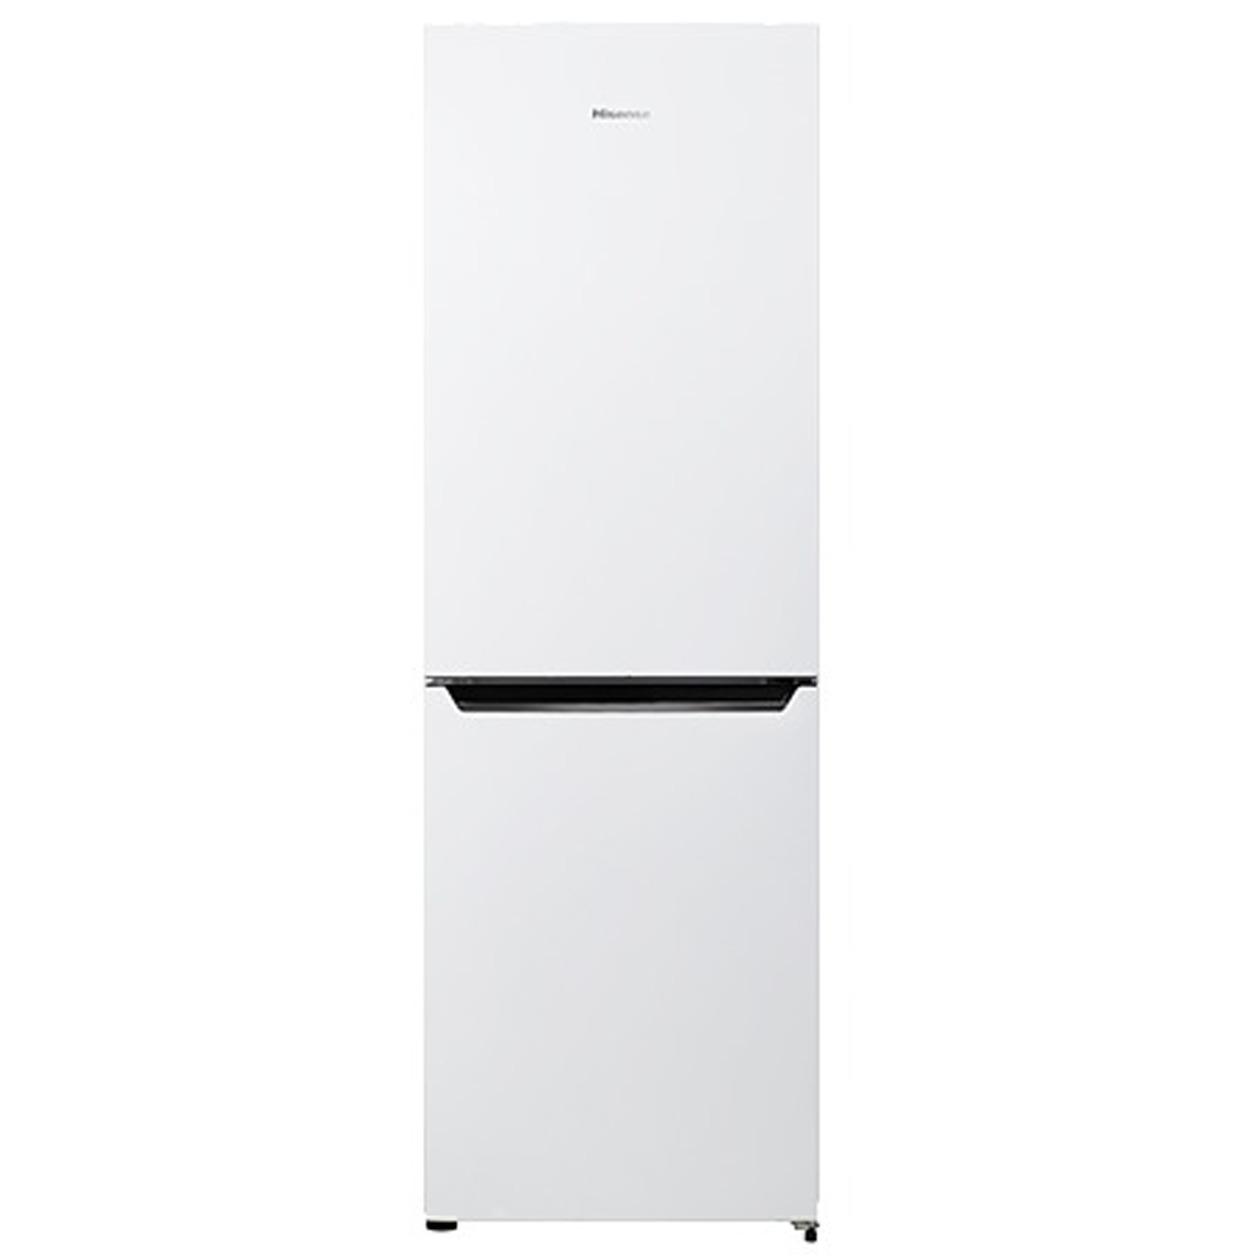 Hisense koelkast met vriesvak RB371N4EW1 - Prijsvergelijk